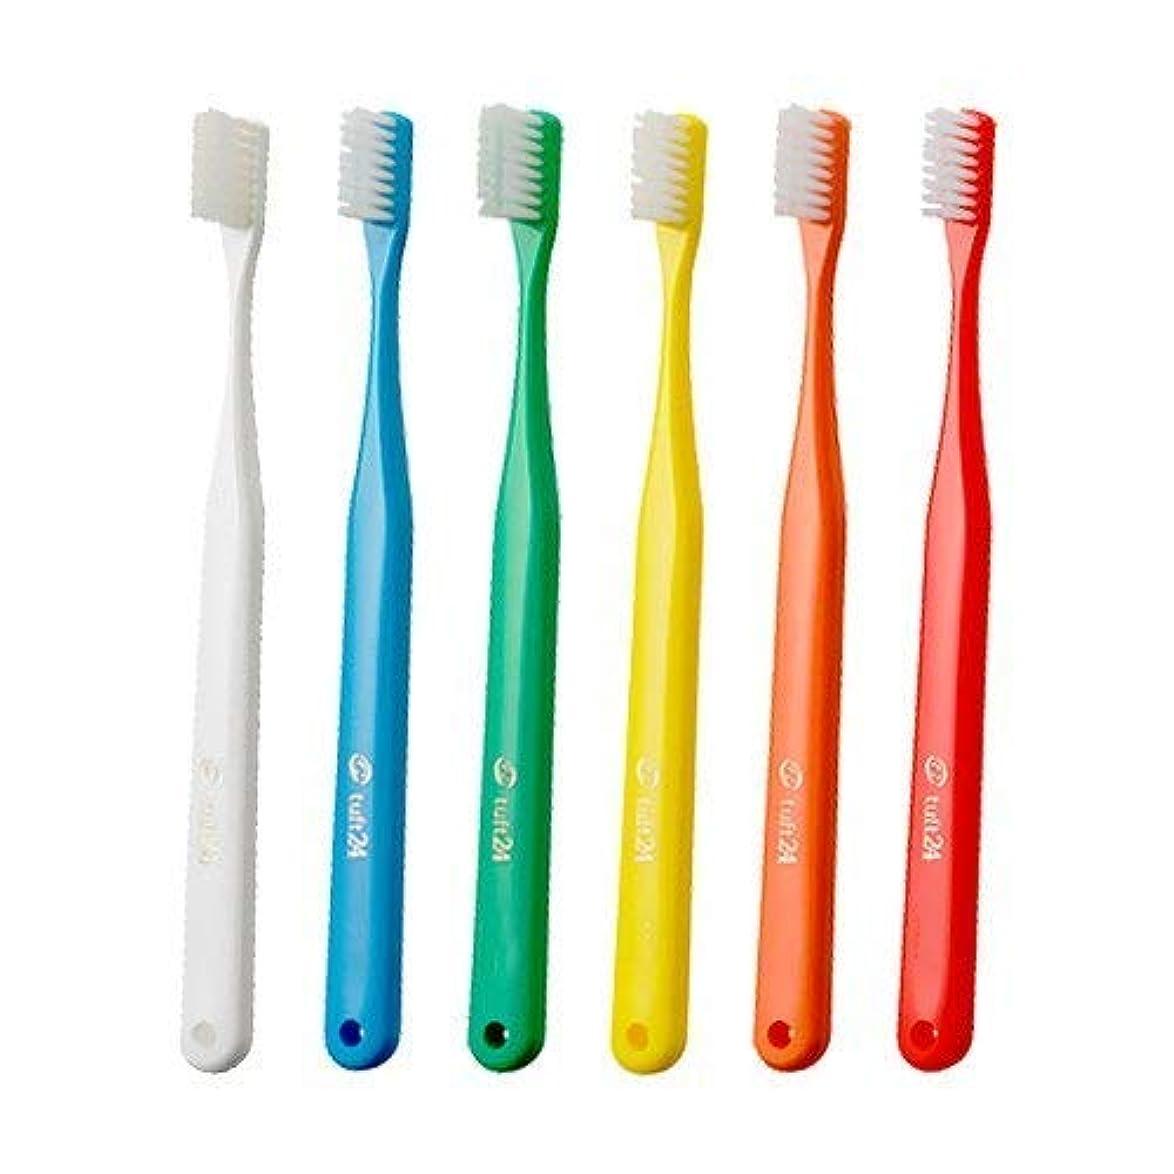 常識針適応オーラルケア キャップなし タフト24 歯ブラシ × 10本 (MH)